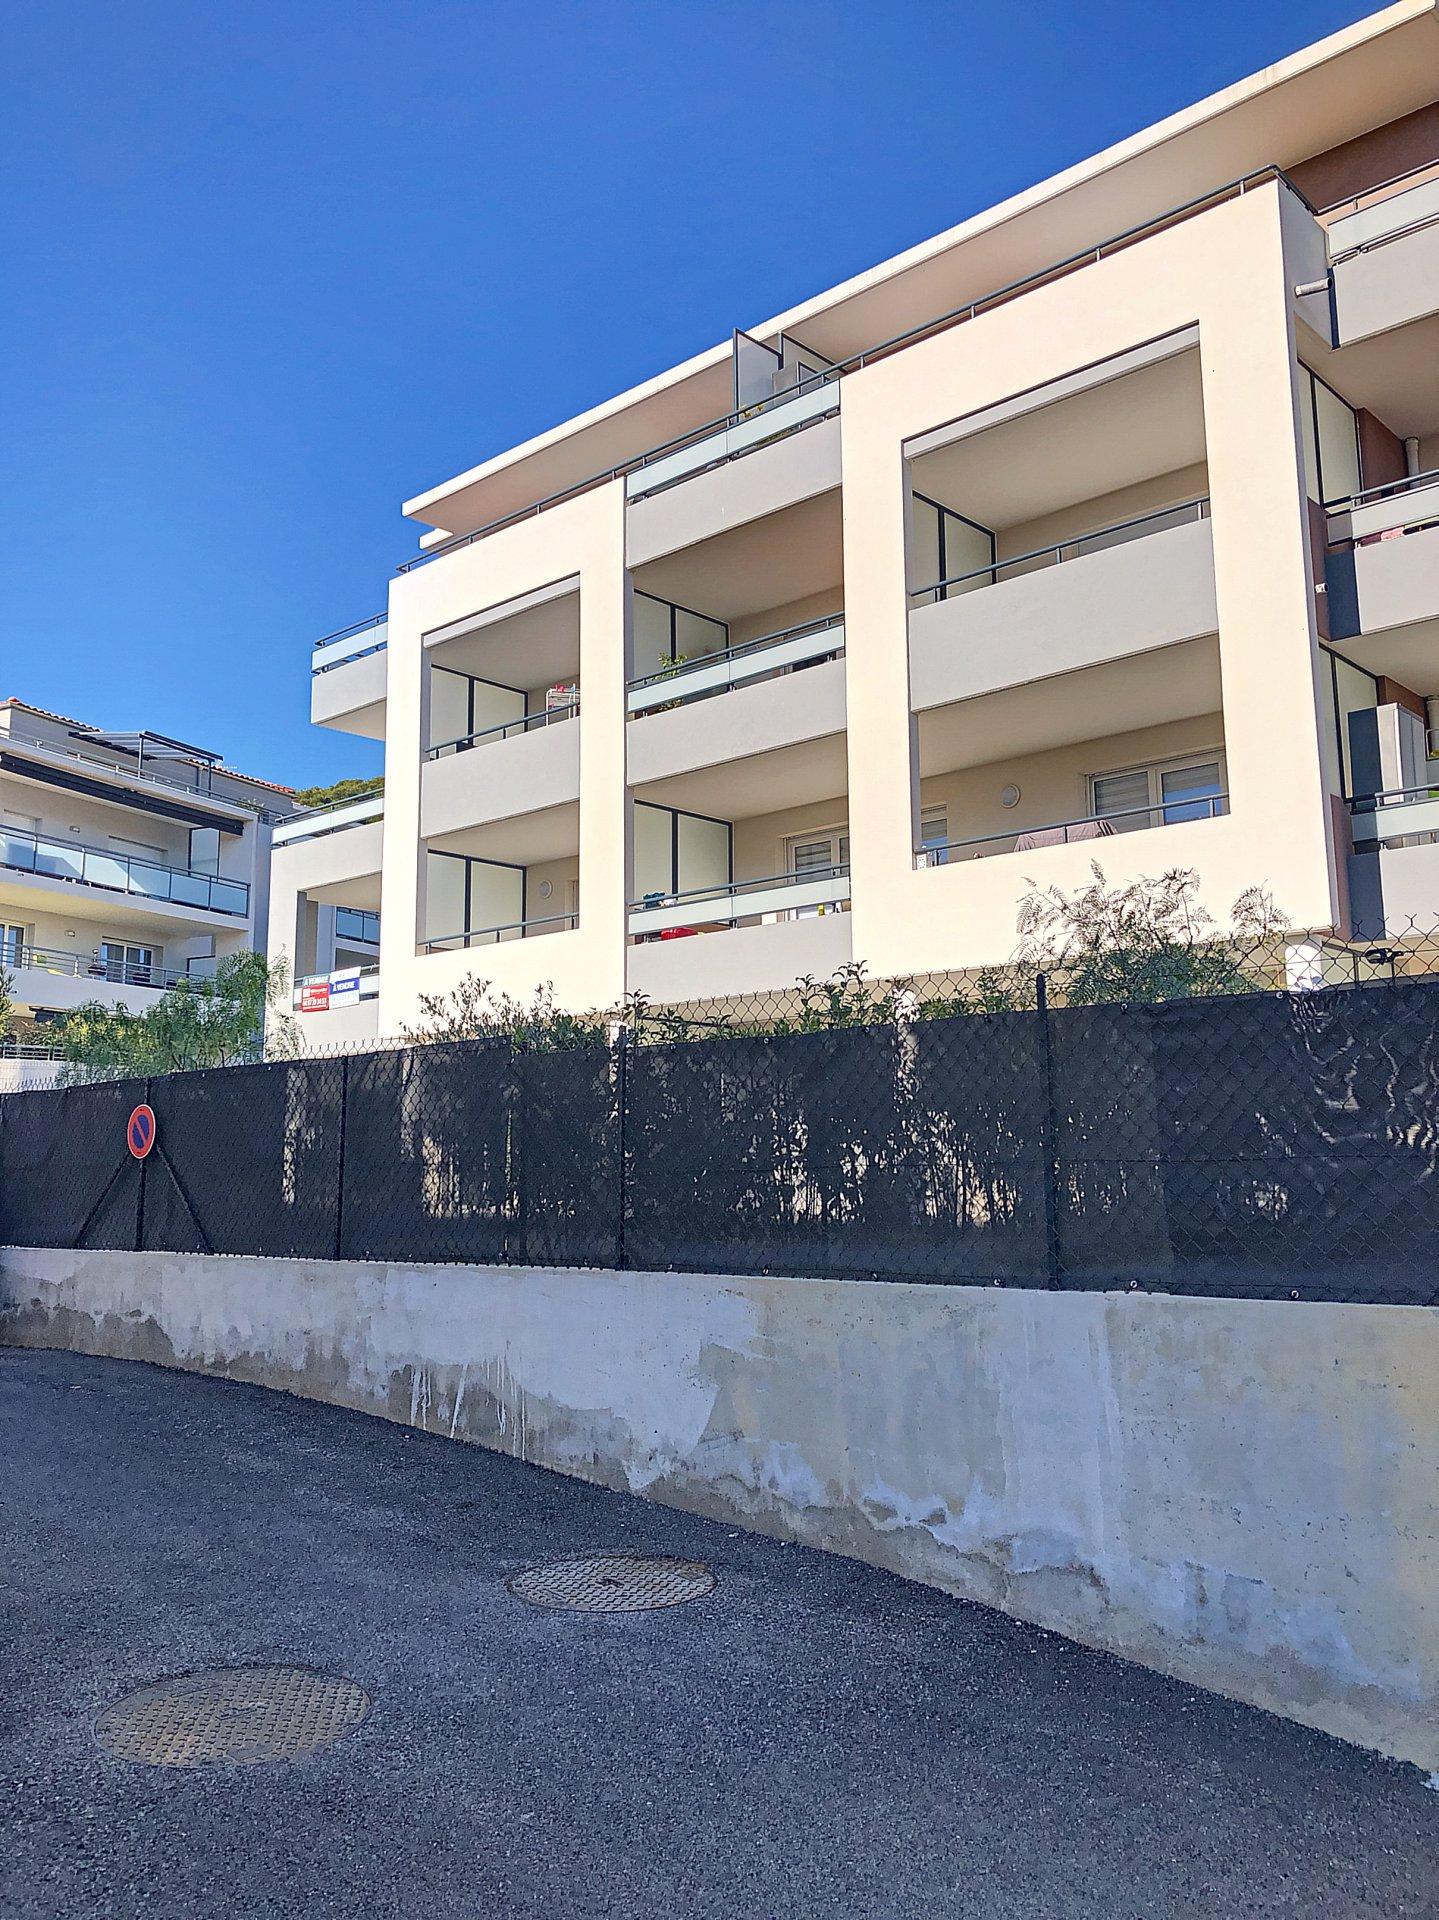 Saint Laurent du Var (06700) - appartement 2 pièces - terrasse